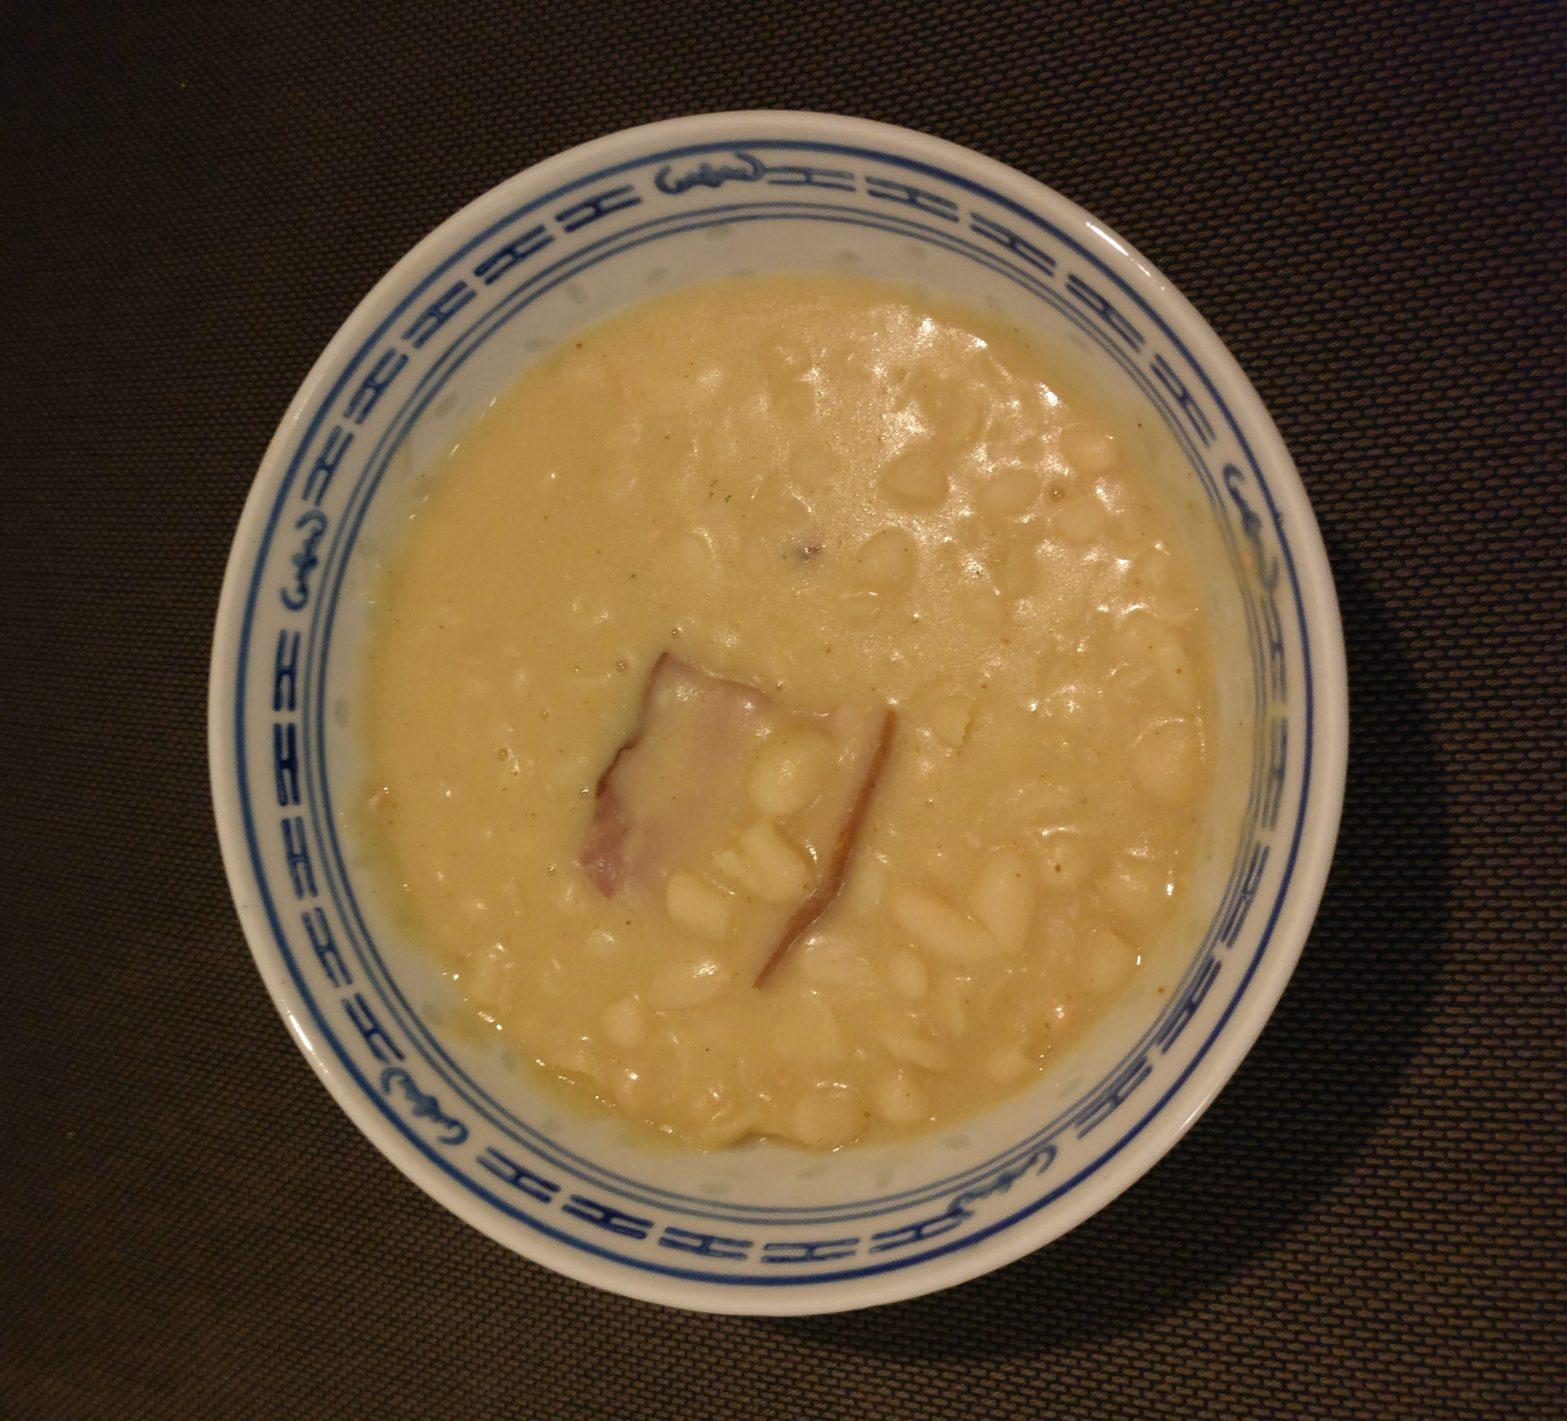 Ein Teller bosnischer Bohnensuppe - Grah.